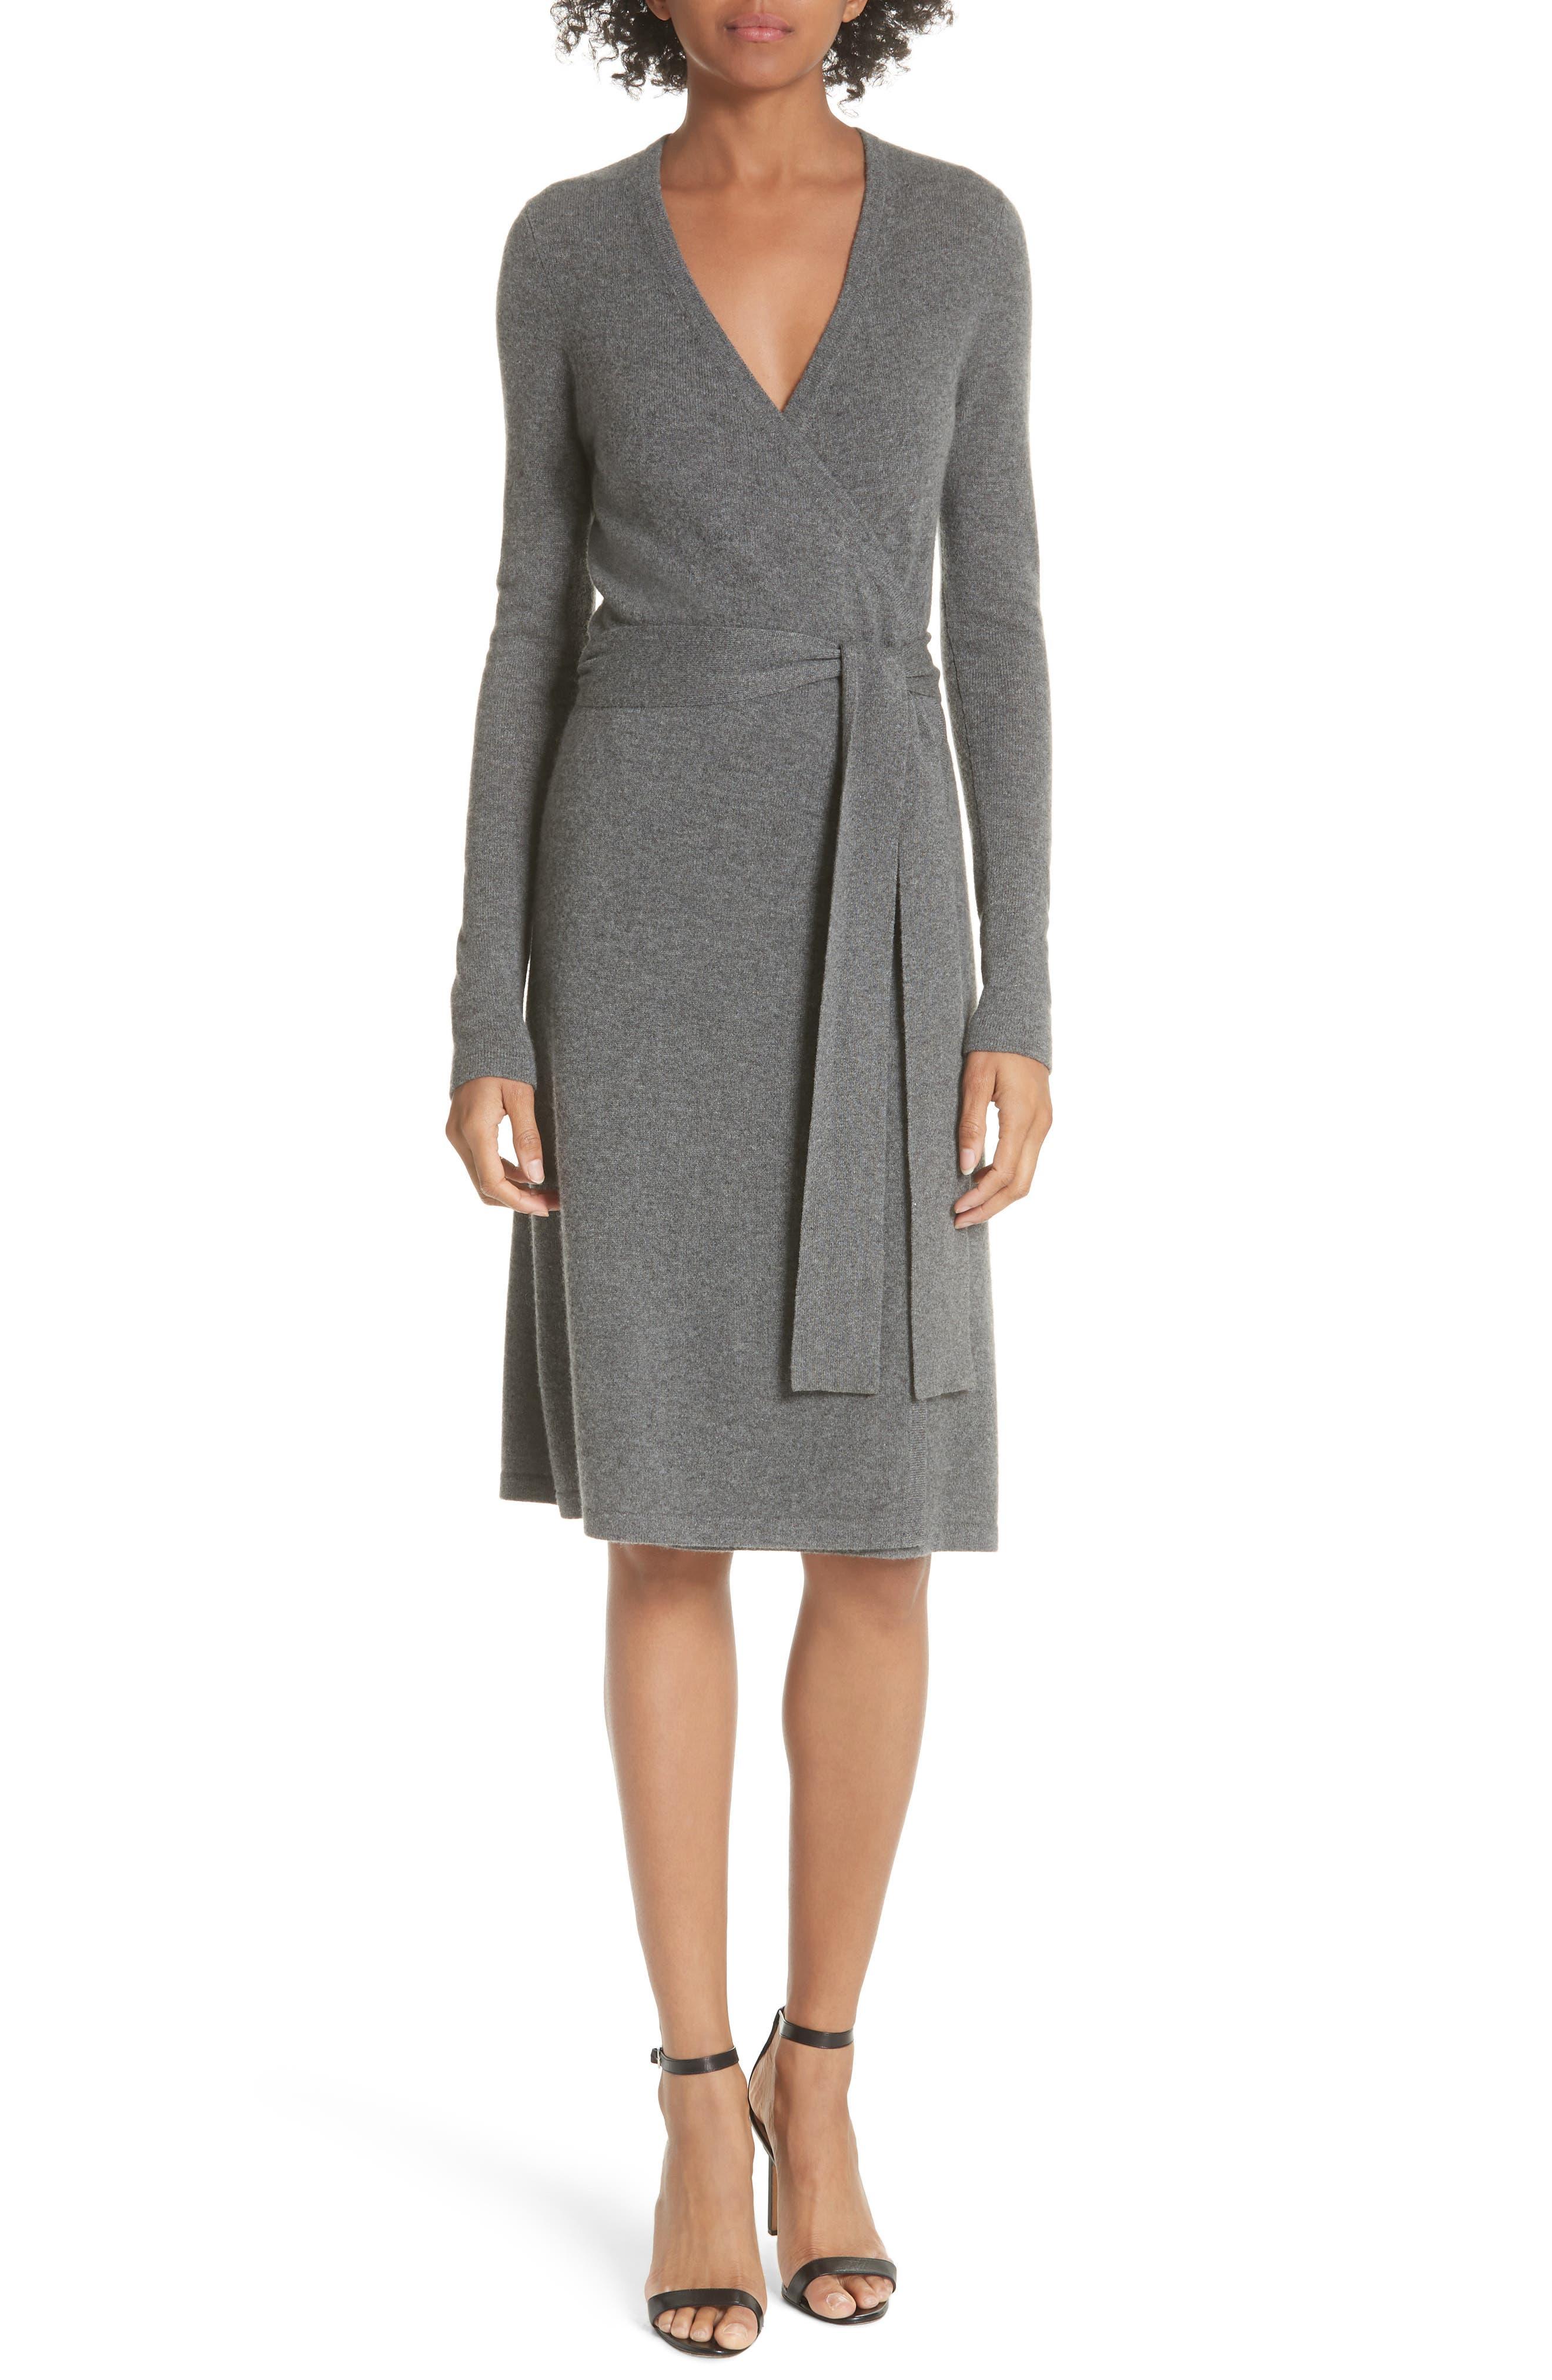 Diane Von Furstenberg Linda Cashmere Wrap Dress,                         Main,                         color, Charcoal Melange